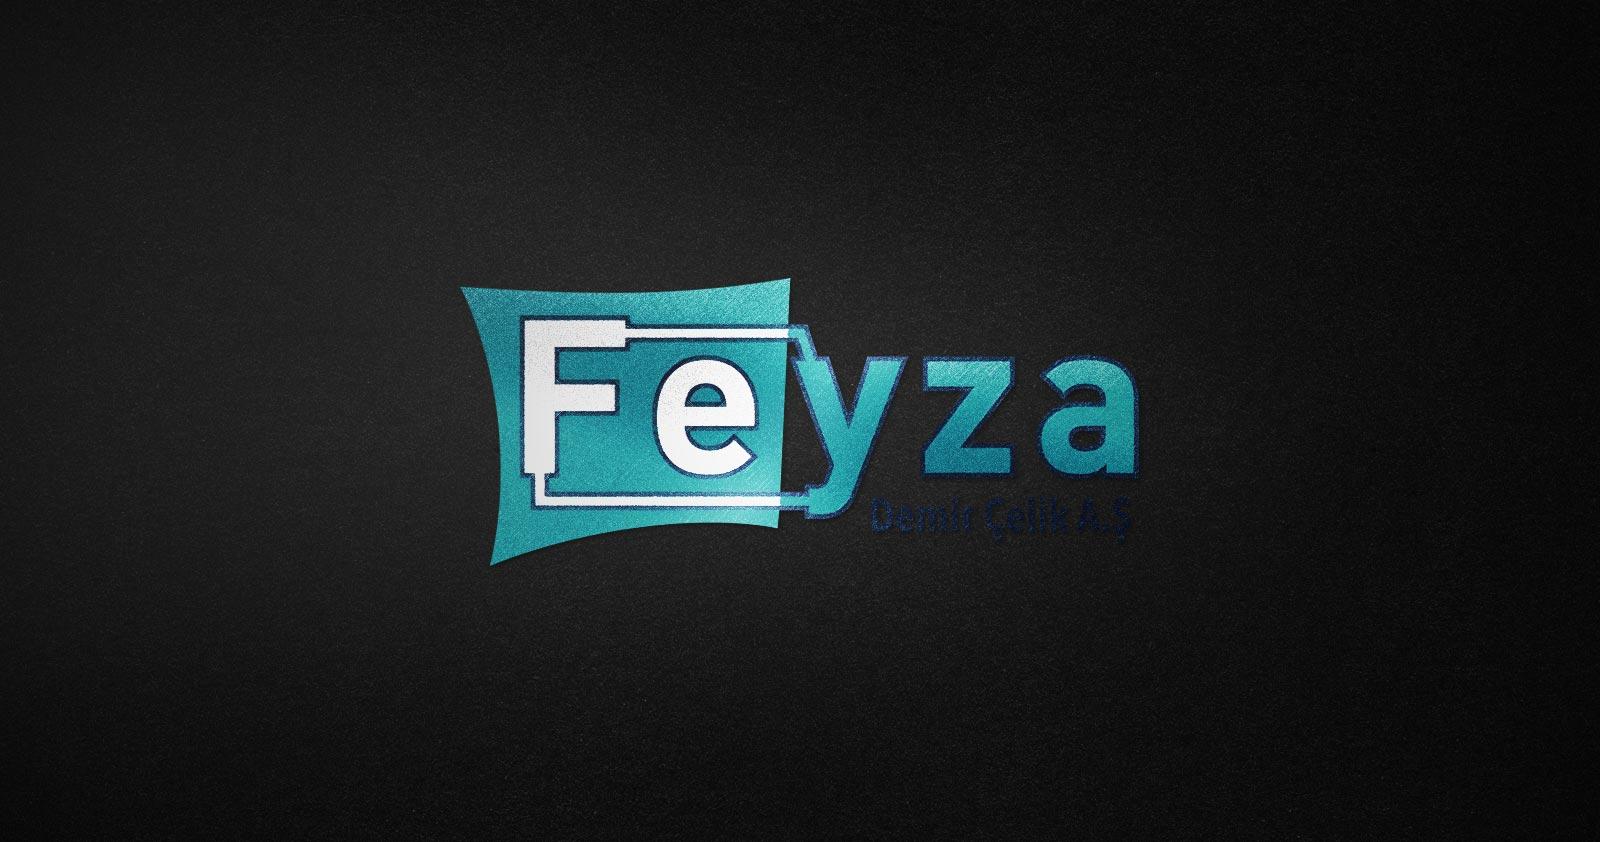 Feyza demir kurumsal kimlik tasarimi 02